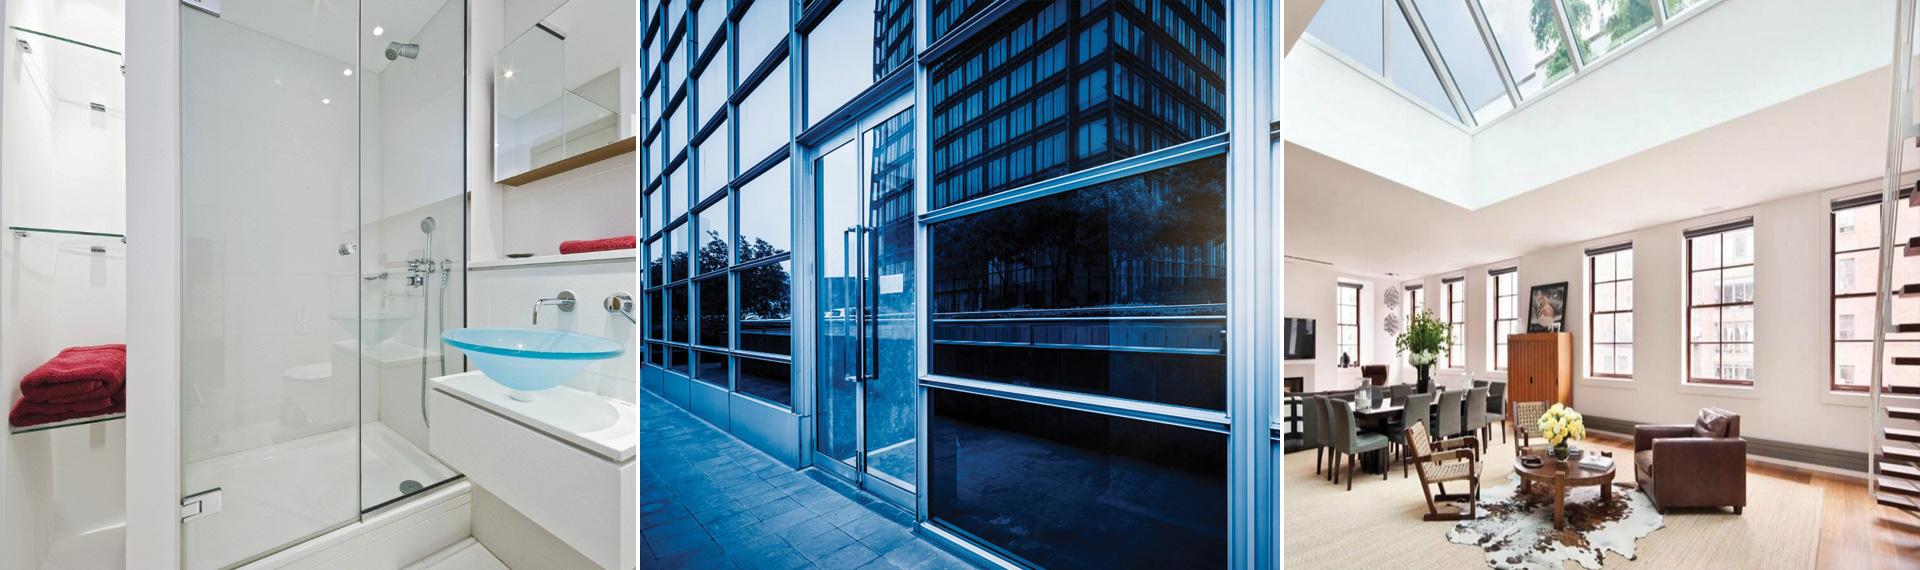 Zagora Glass Somerville MA